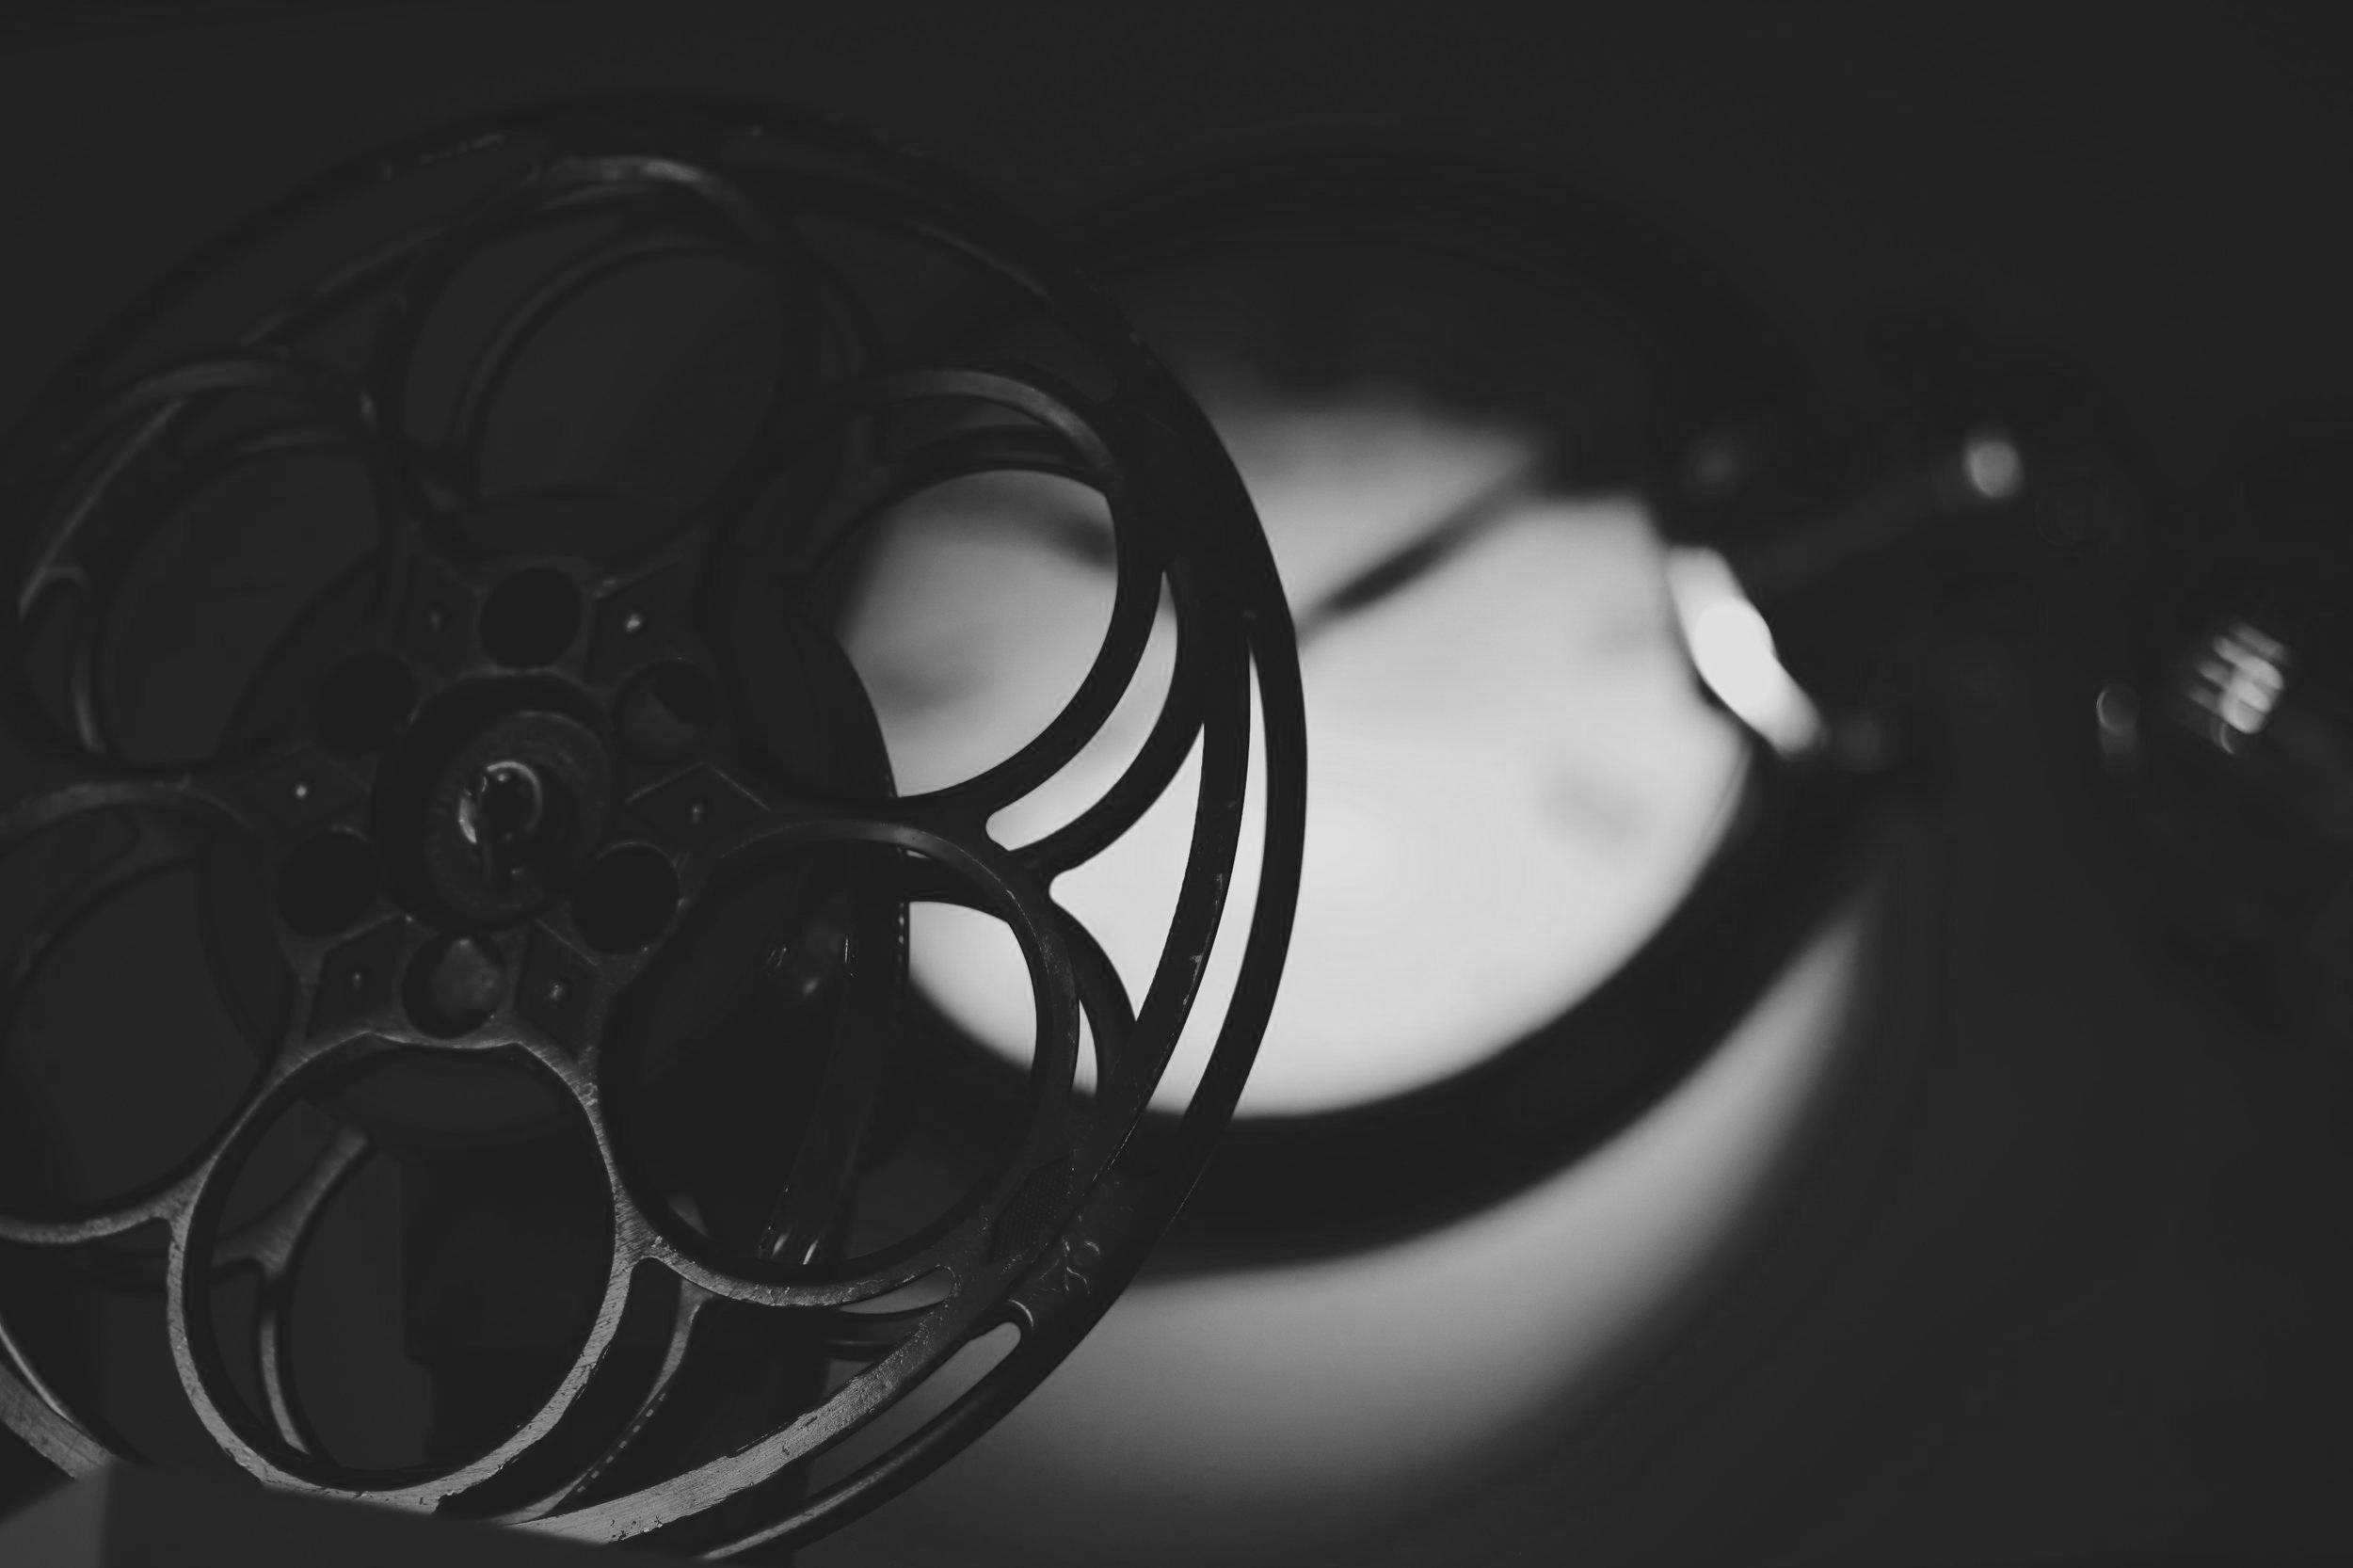 Imagefilme / Produktfilme - Konzept, Produktion, Schnitt, Auslieferung